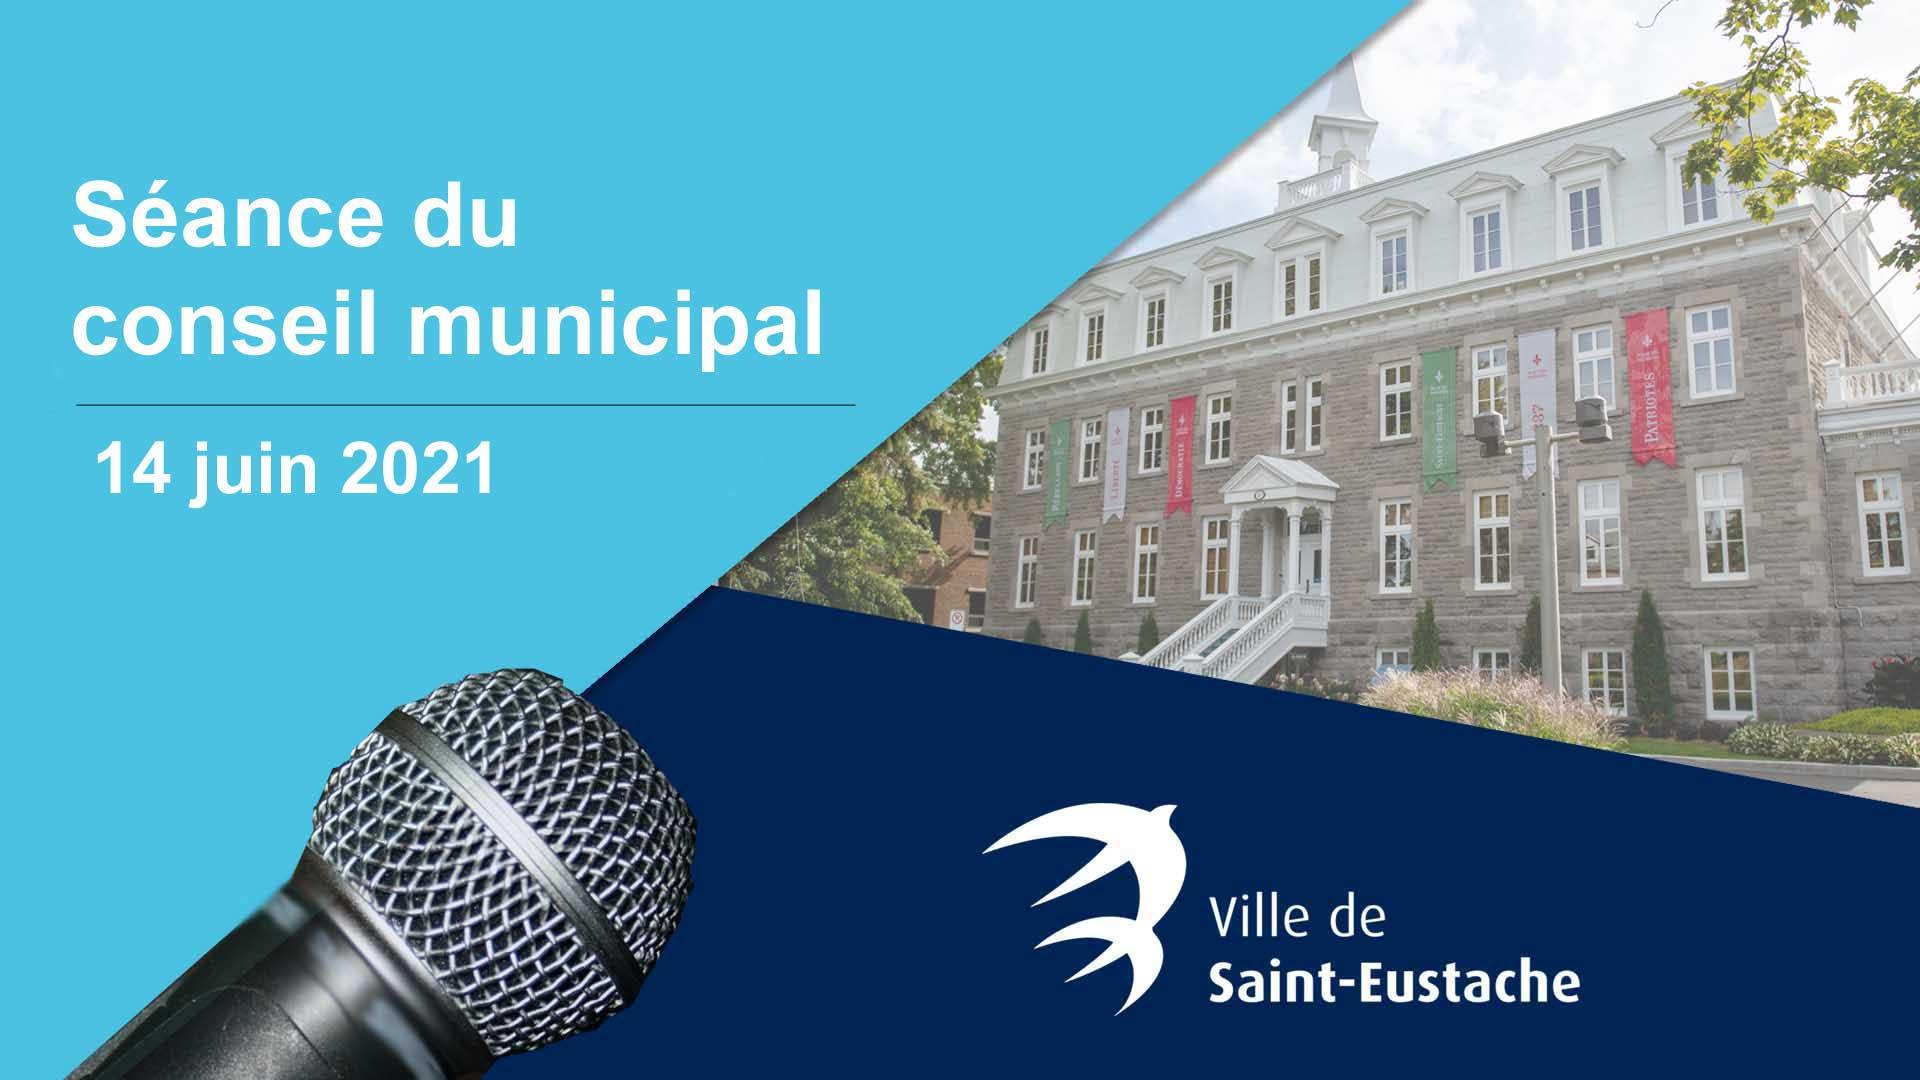 Ville de saint-Eustache - Séance ordinaire du conseil municipal à huis clos le 14 juin 2021